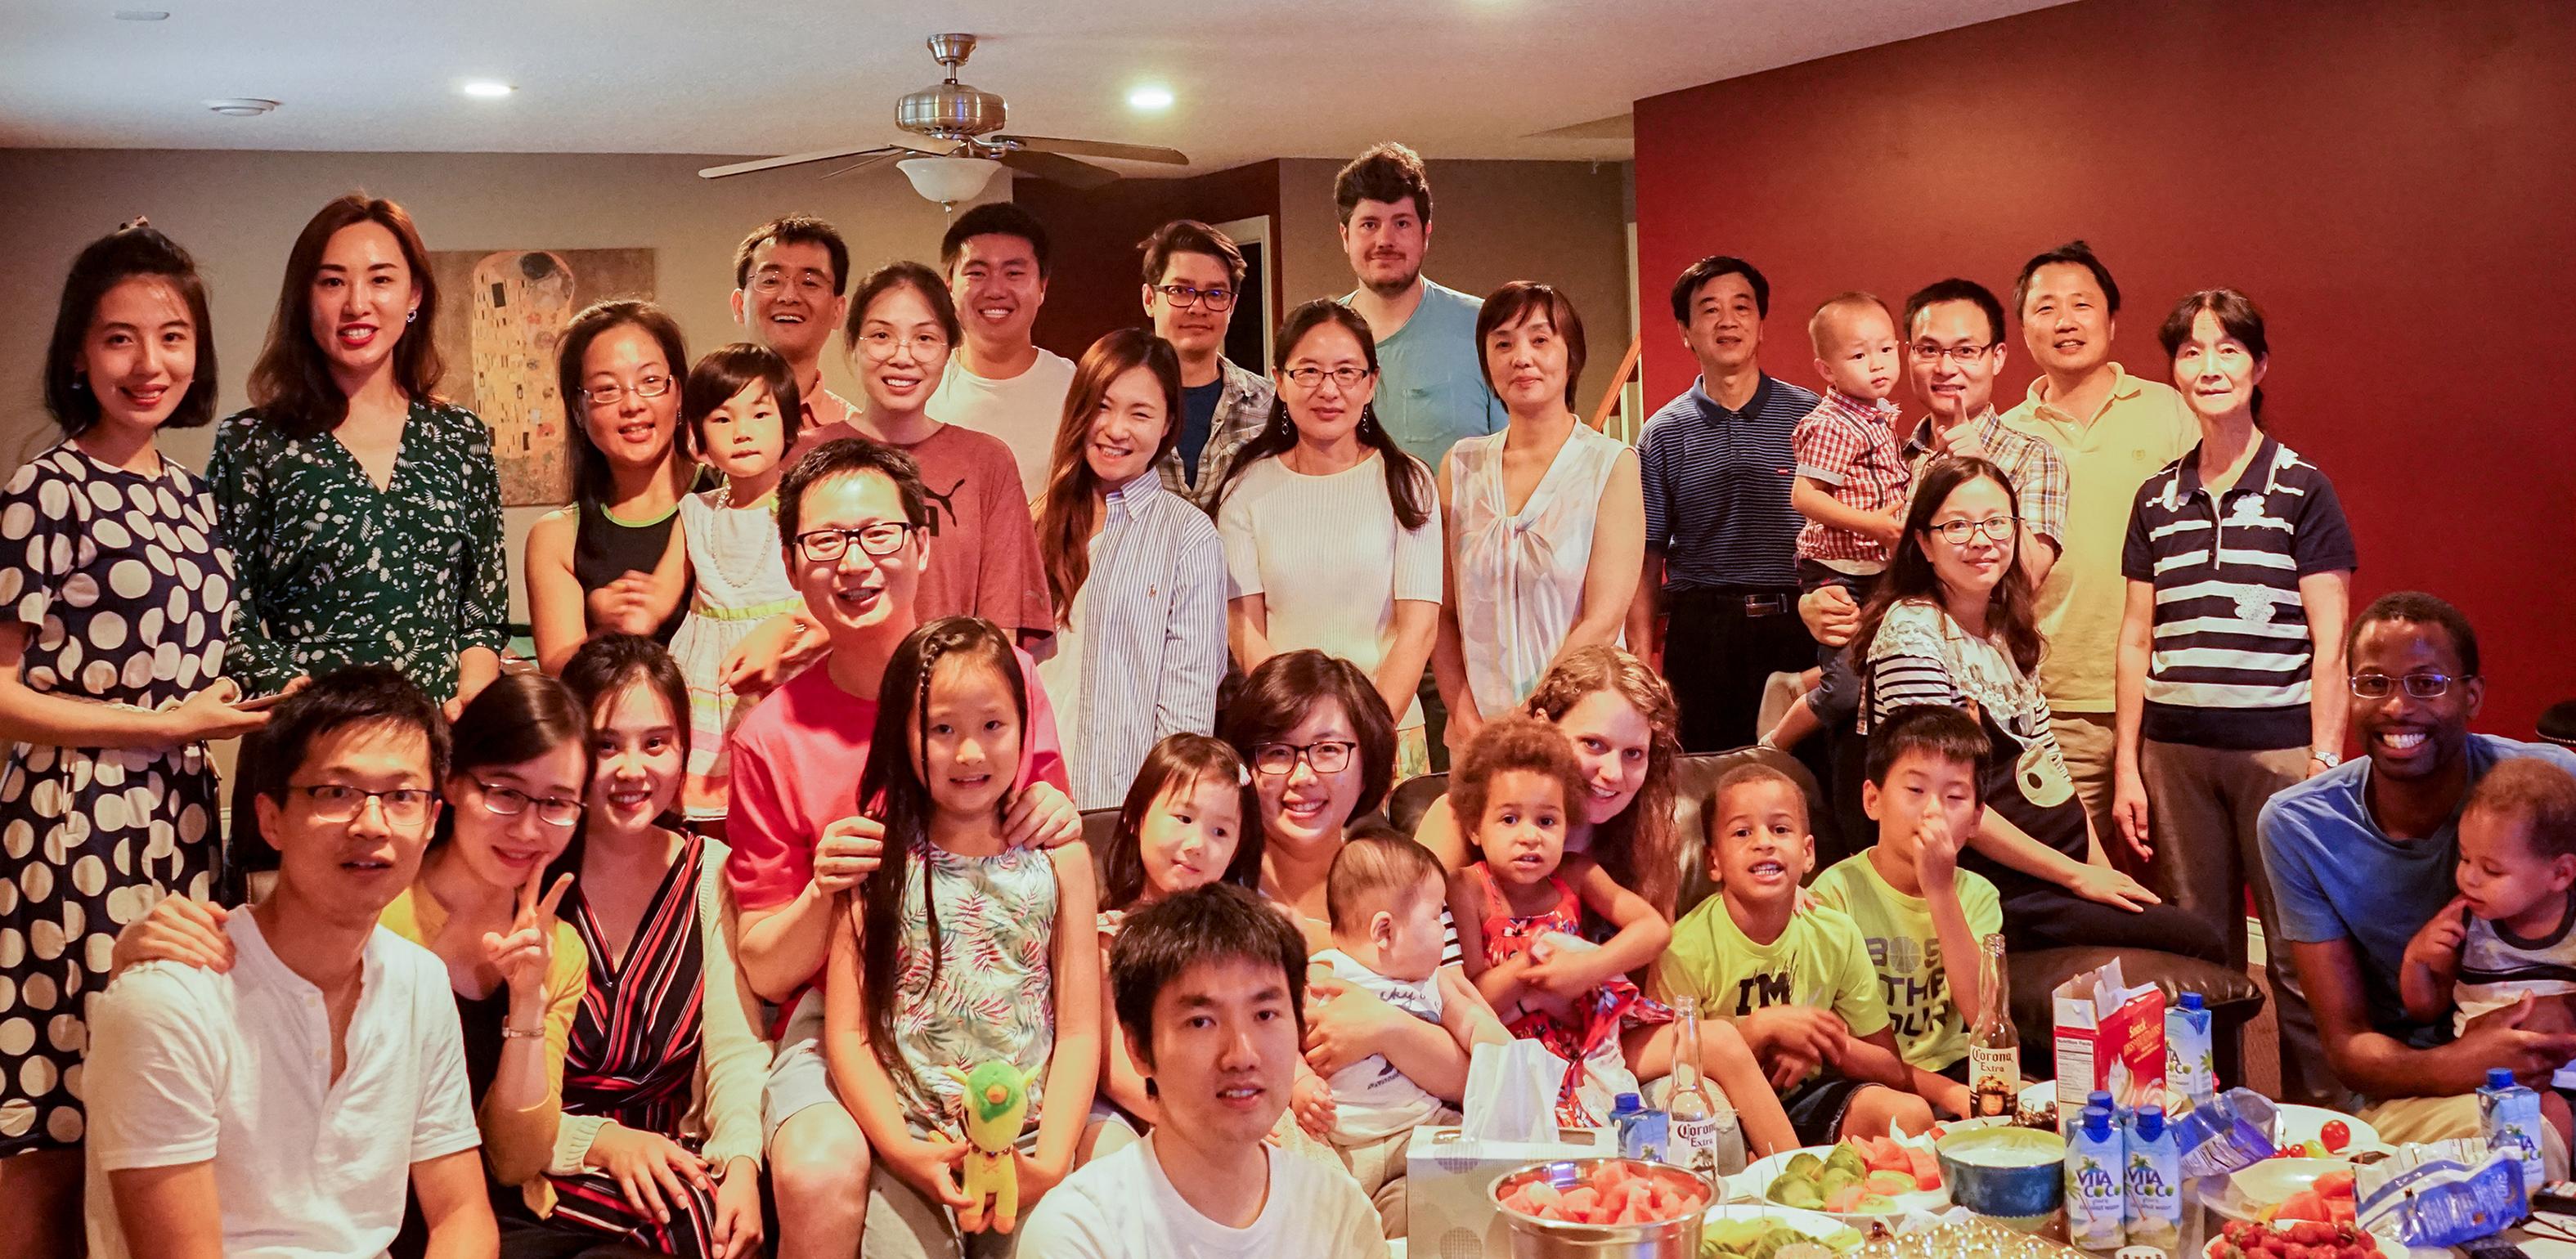 Eyo farewell party Jul 2018